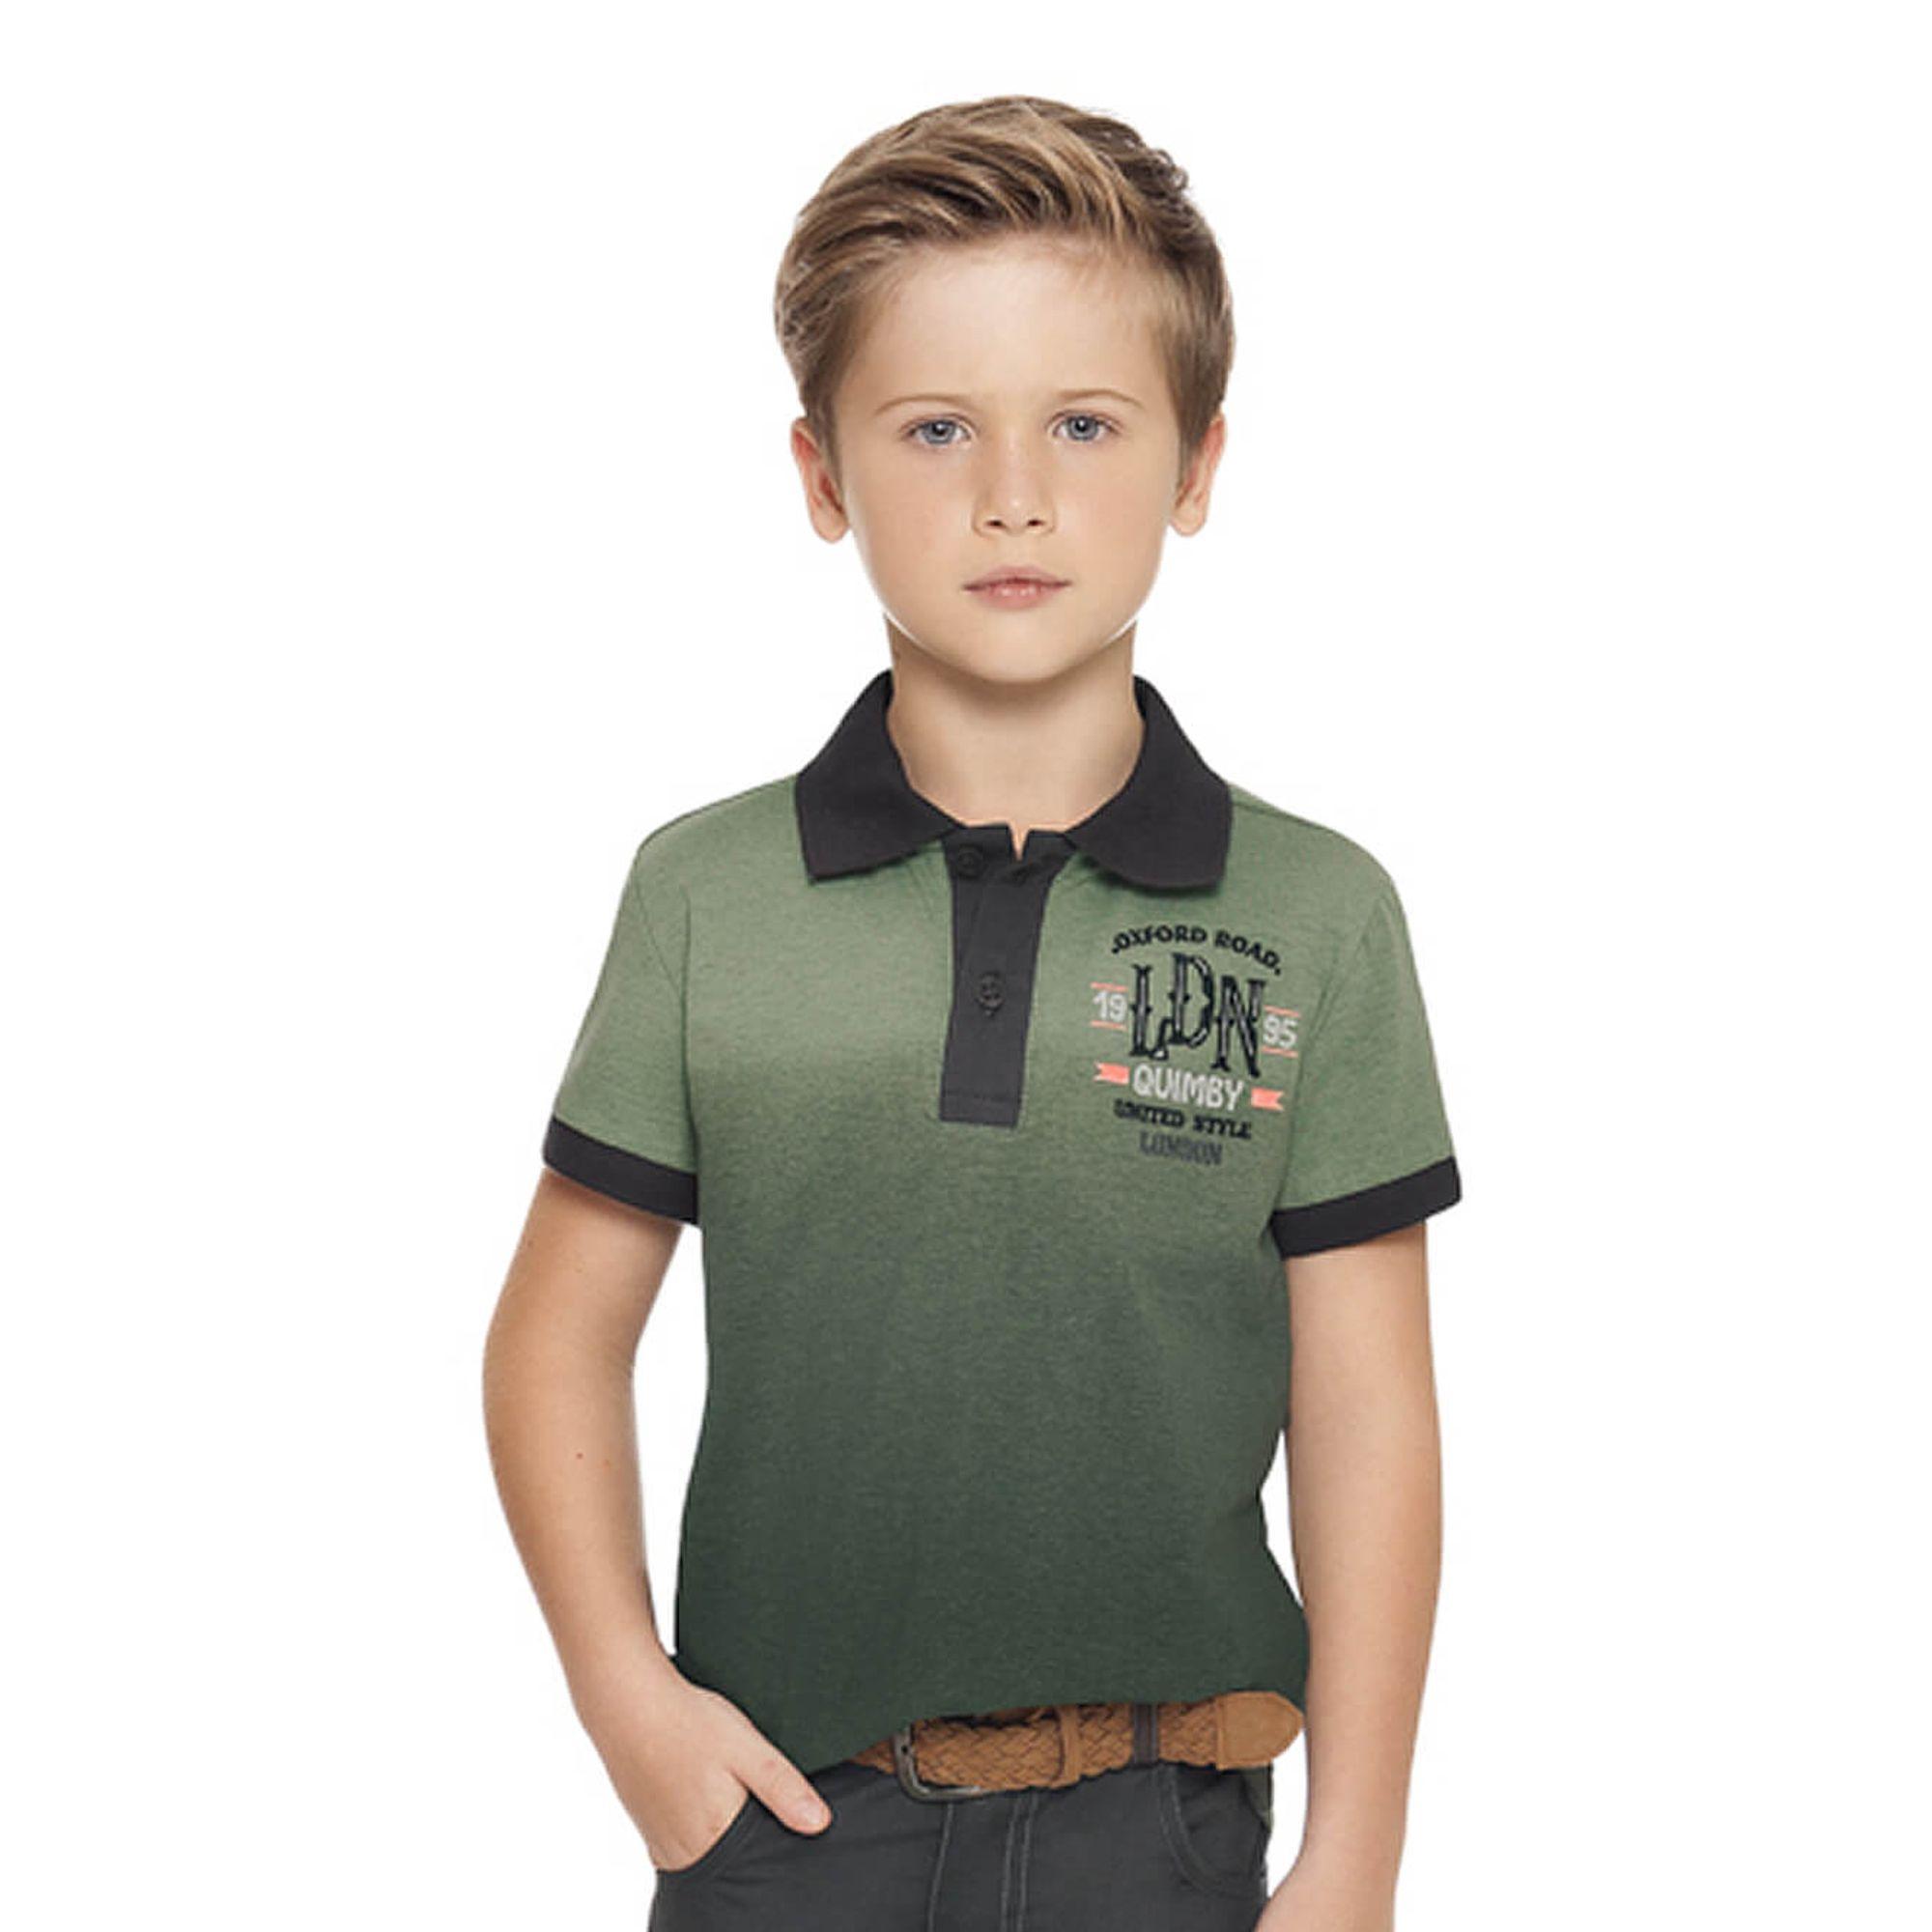 Comprar Camiseta Polo Menino em Malha Degradê Verde Manga Curta Quimby -  EcaMeleca 533e50fe6c931